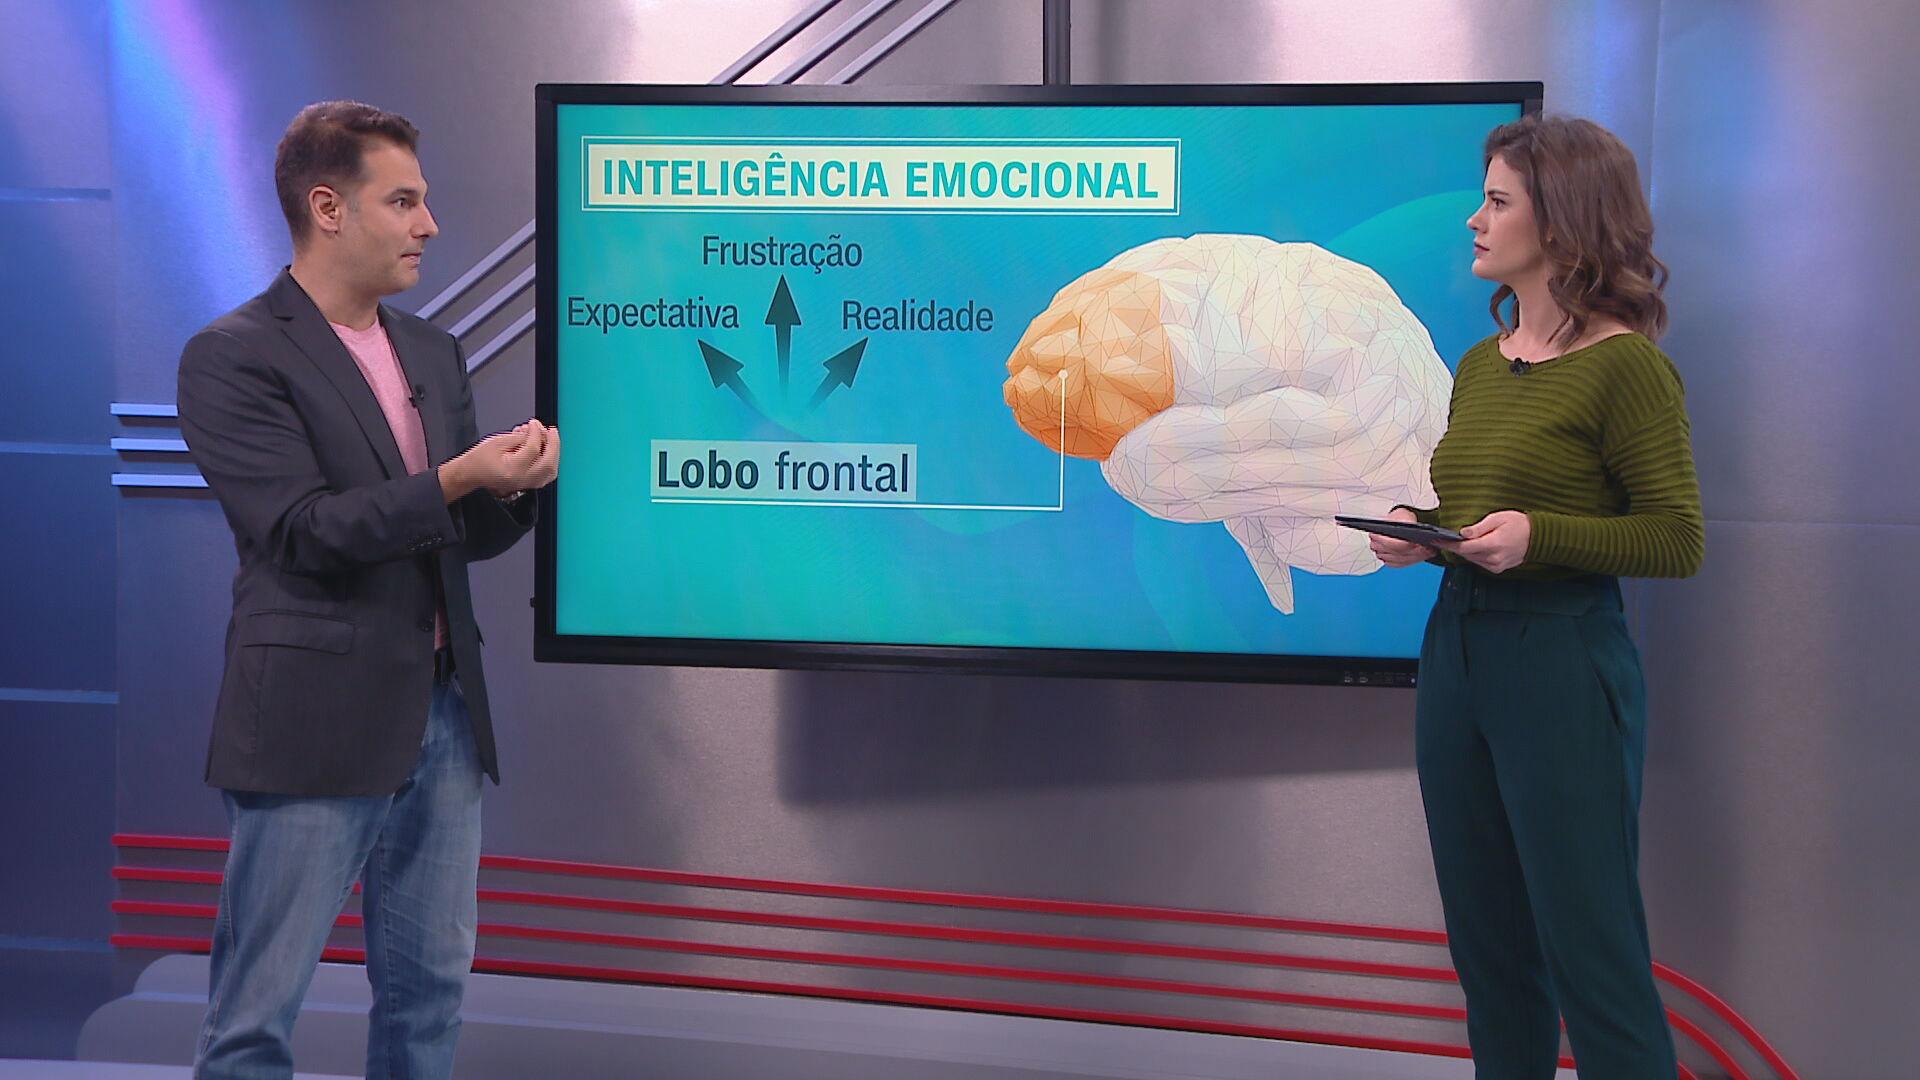 Correspondente Médico: Fernando Gomes fala sobre inteligência emocional